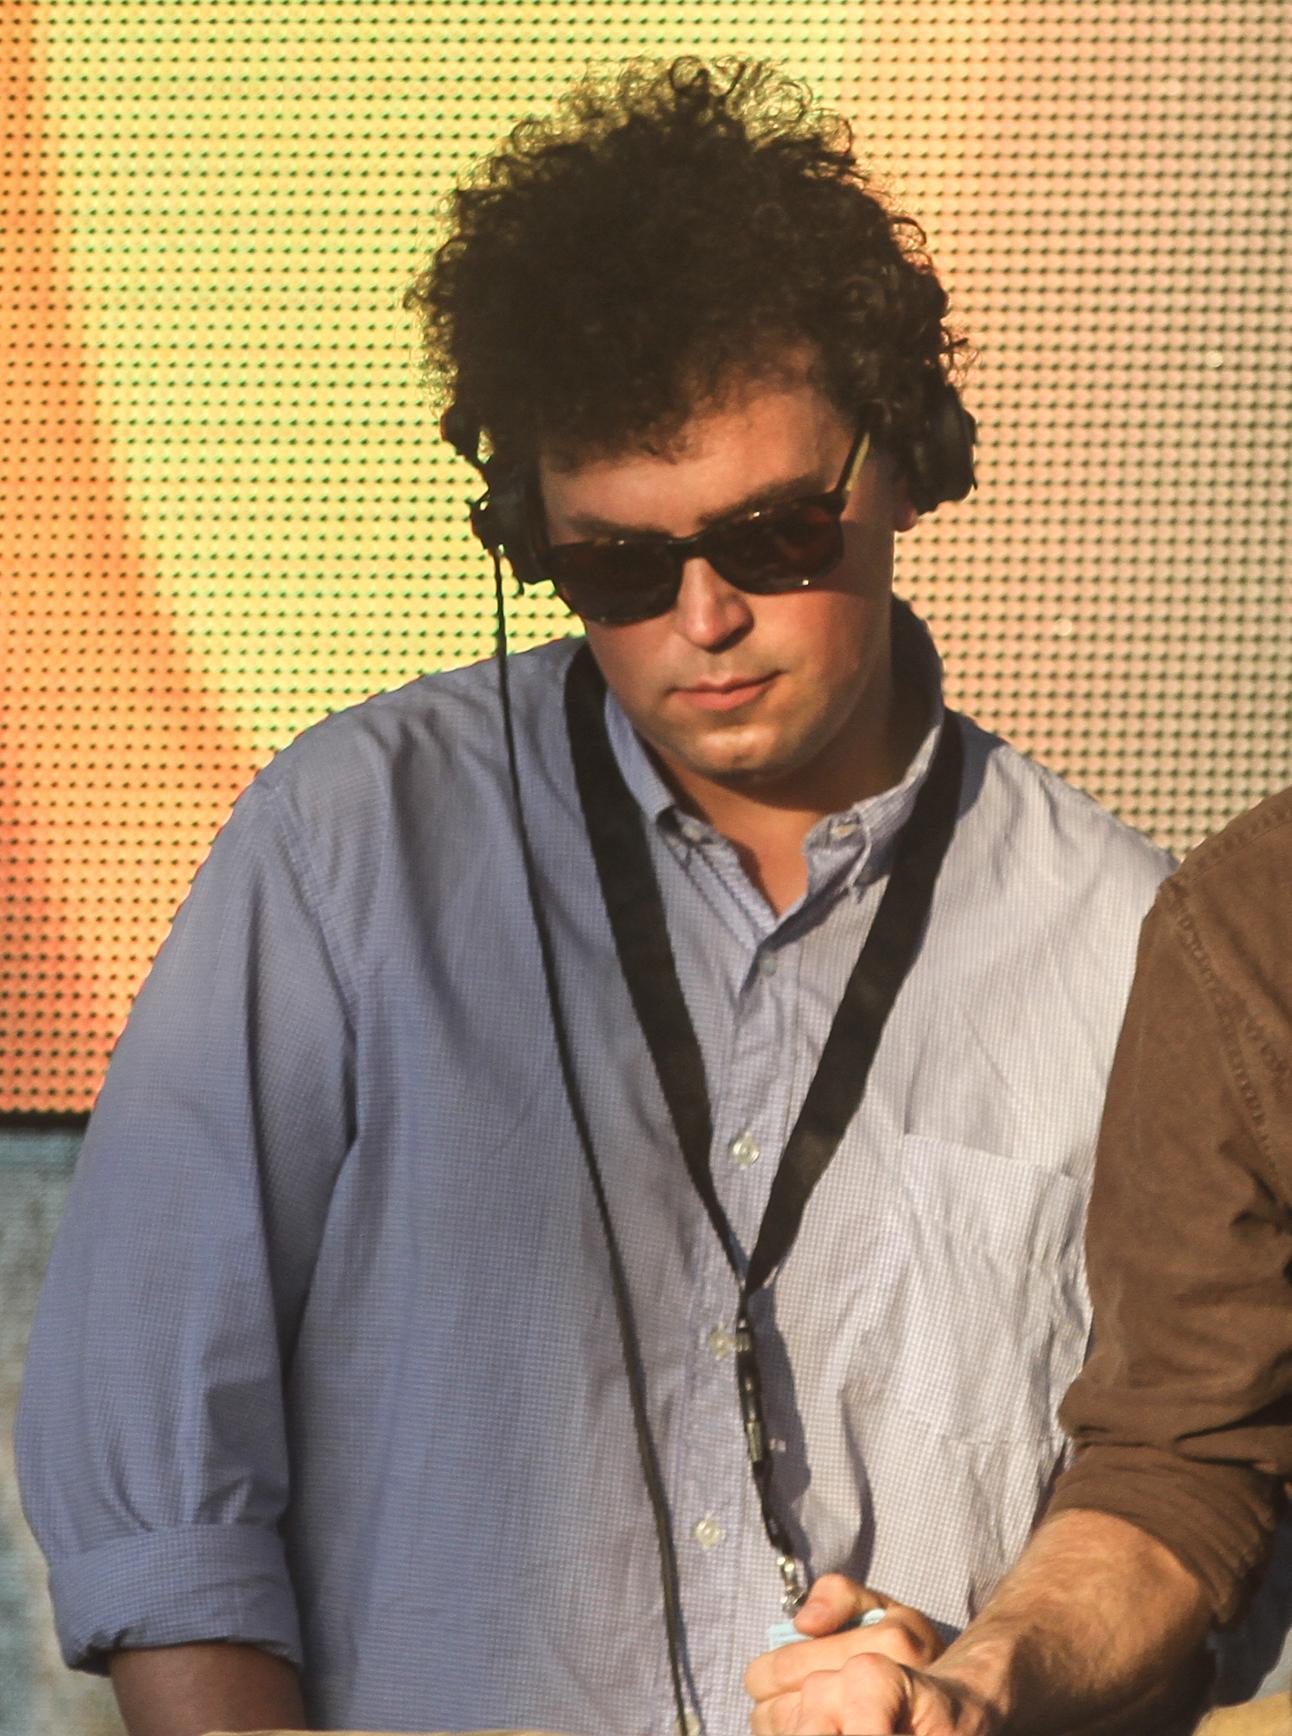 1df31f0e707a2 James Ford (musician) - Wikipedia